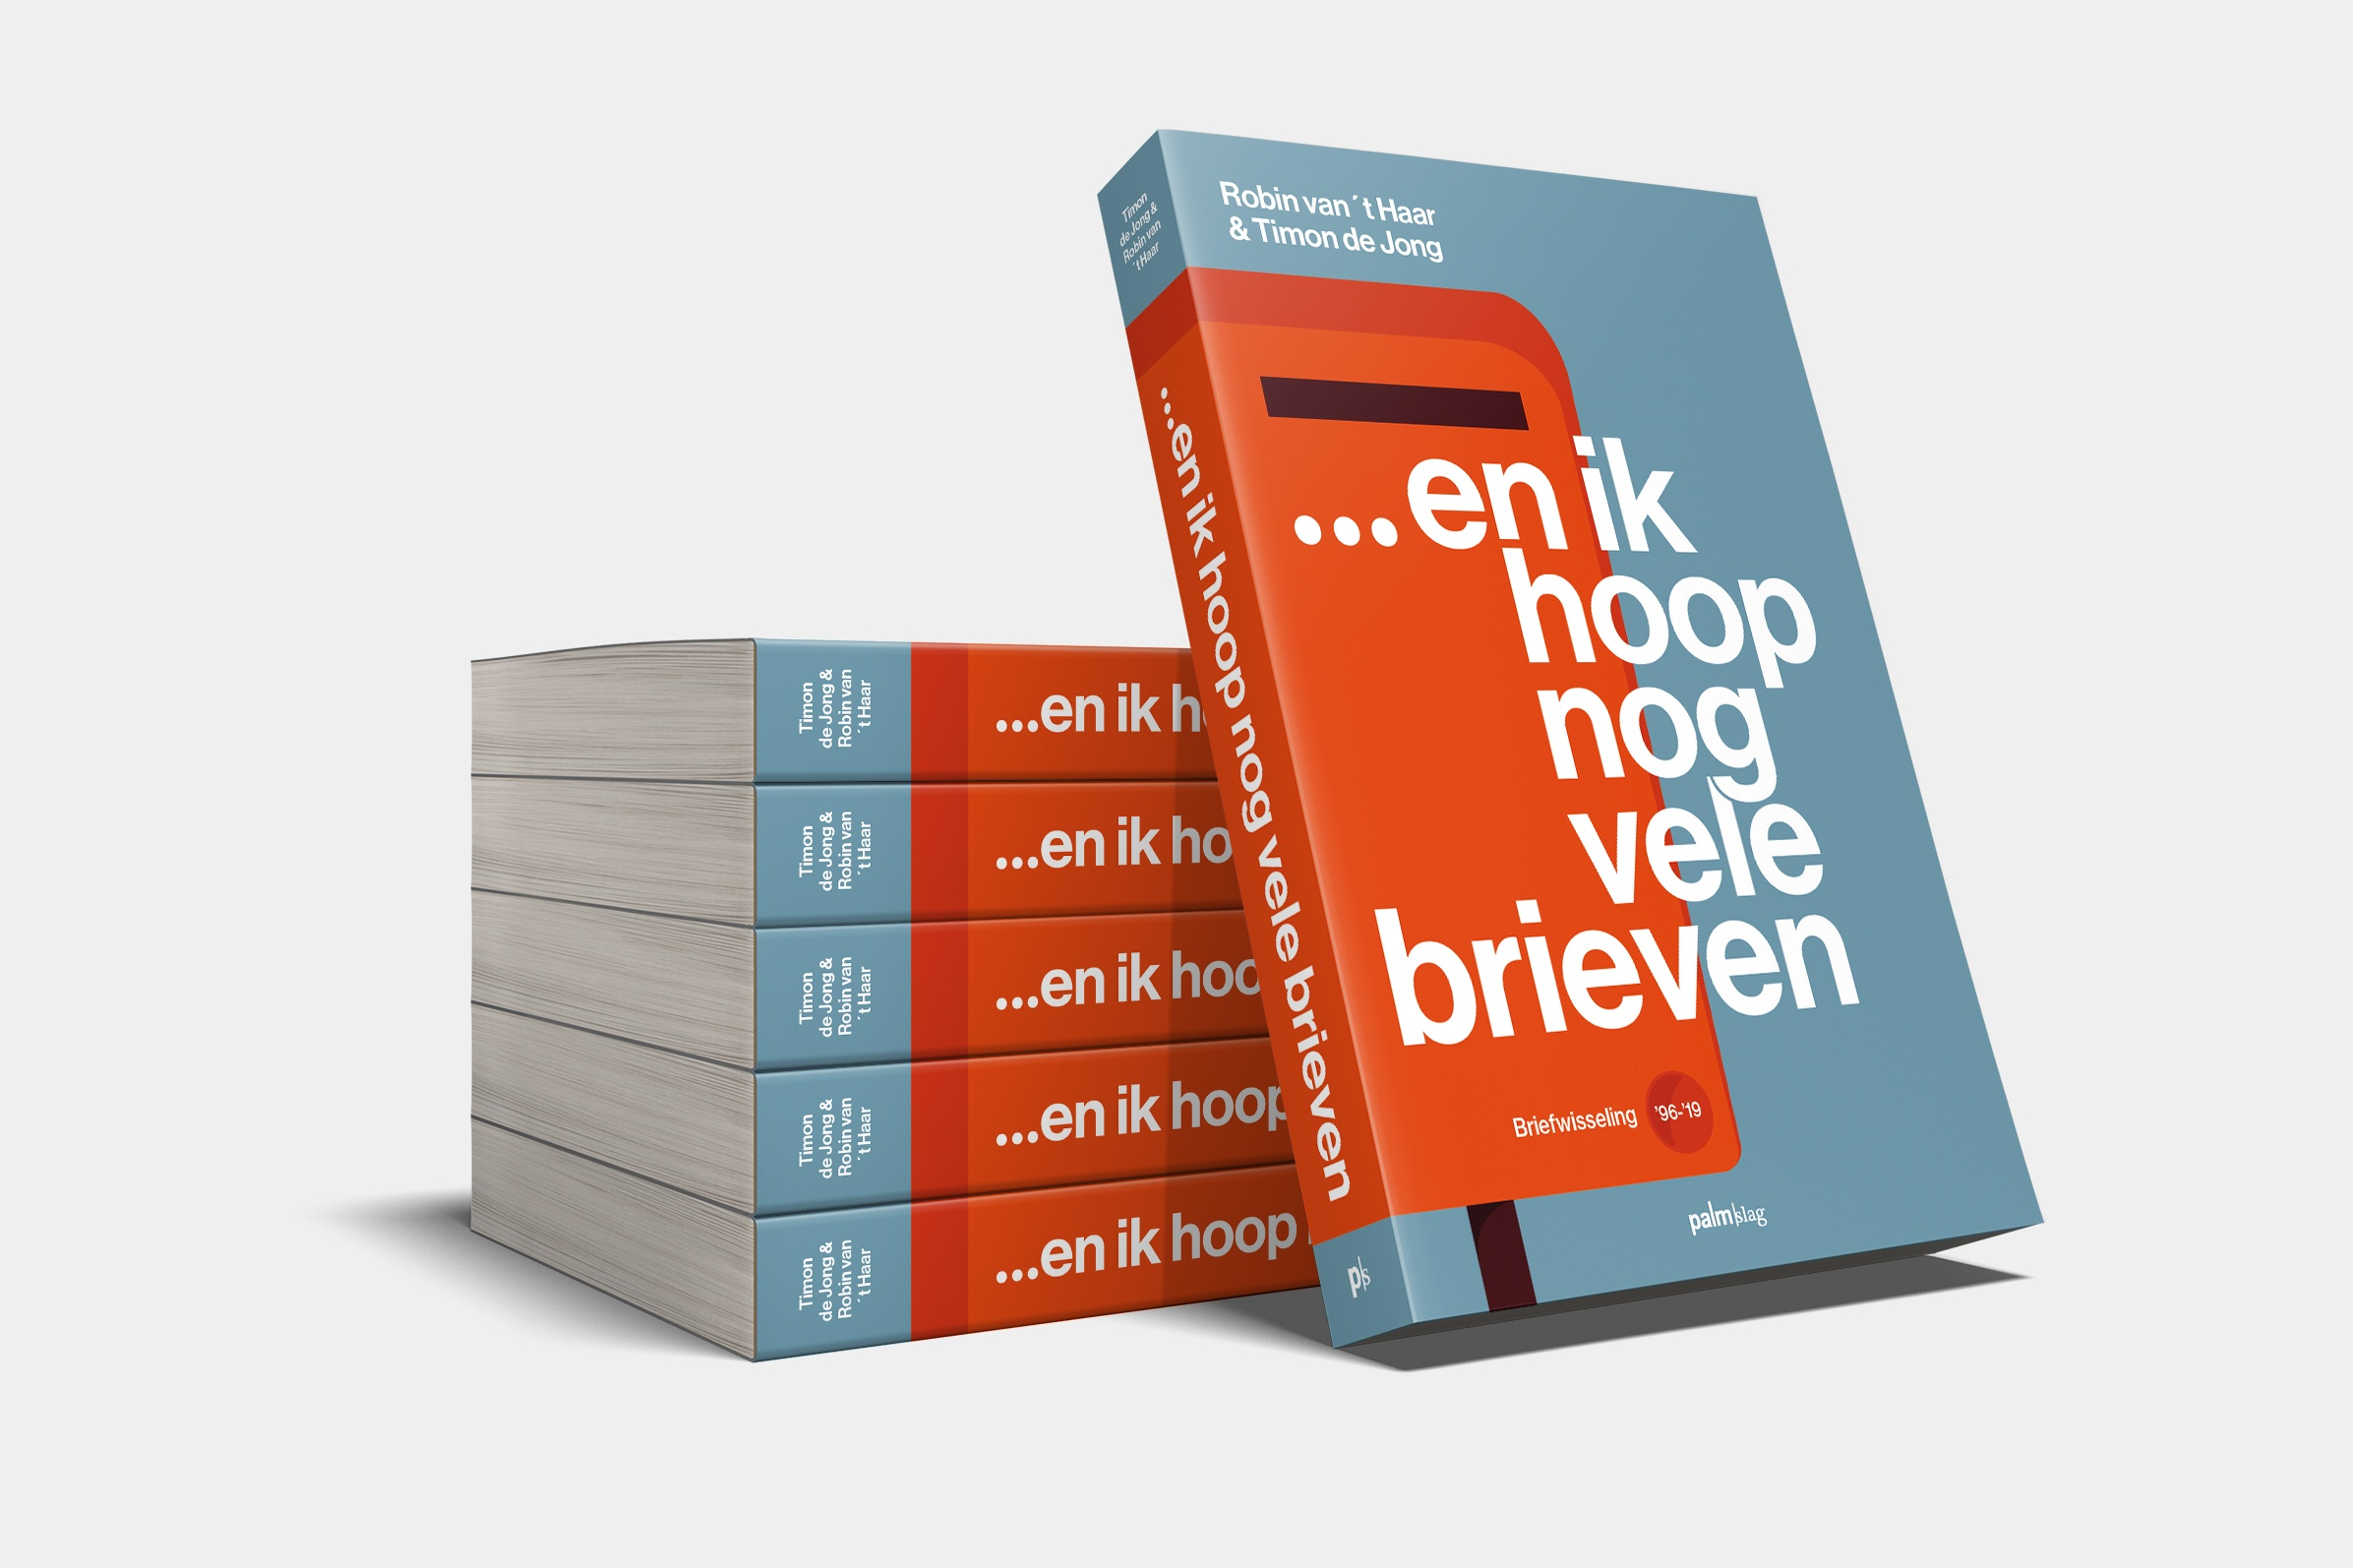 Boekverzorging Omslag 'En ik hoop nog vele brieven' - Timon de Jong - Uitgeverij Palmslag